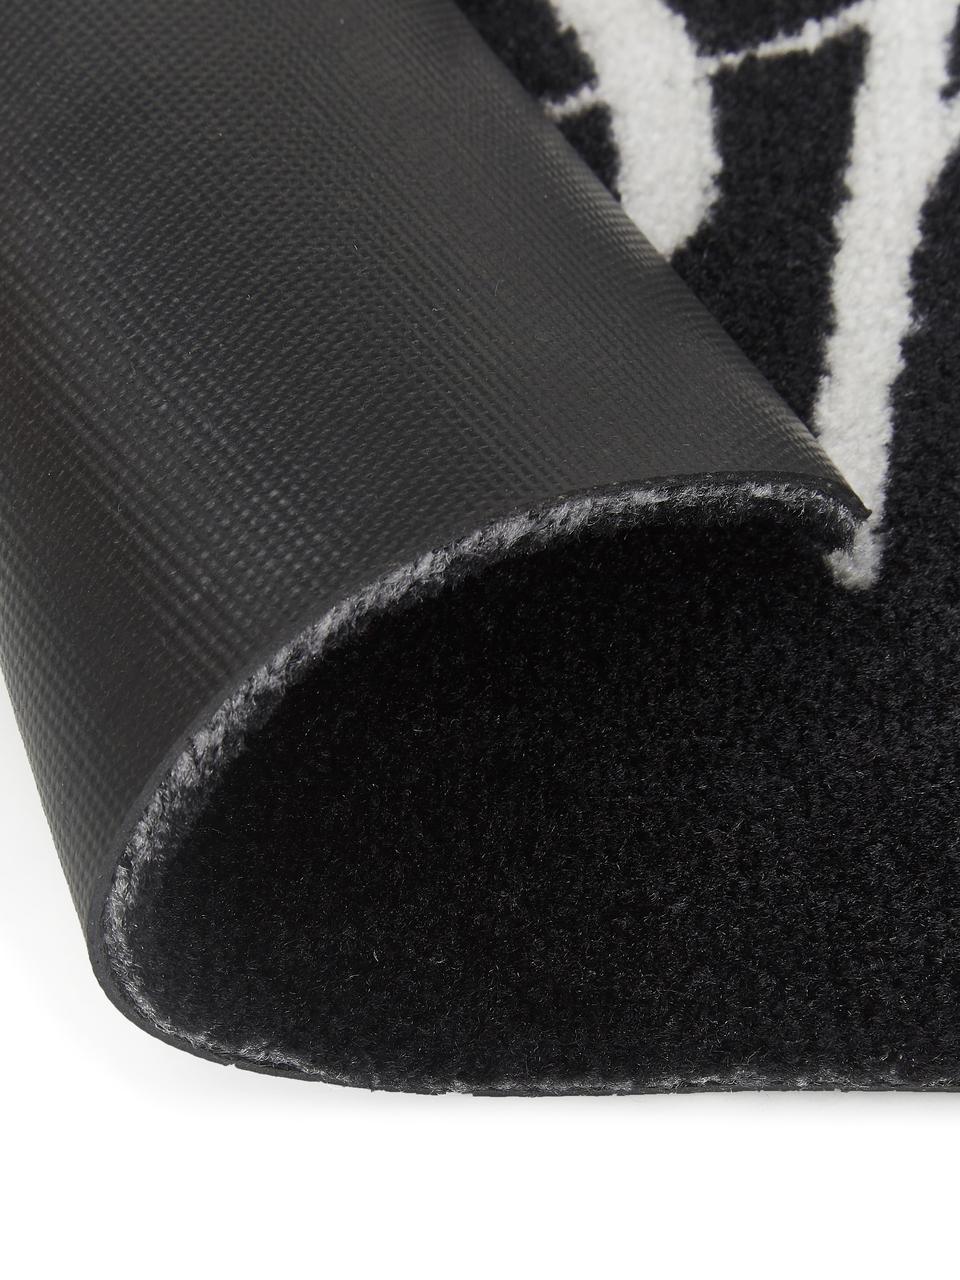 Waschbare Polyamid-Fußmatte Hereinspaziert, Unterseite: Gummi, Schwarz, Weiß, 45 x 75 cm